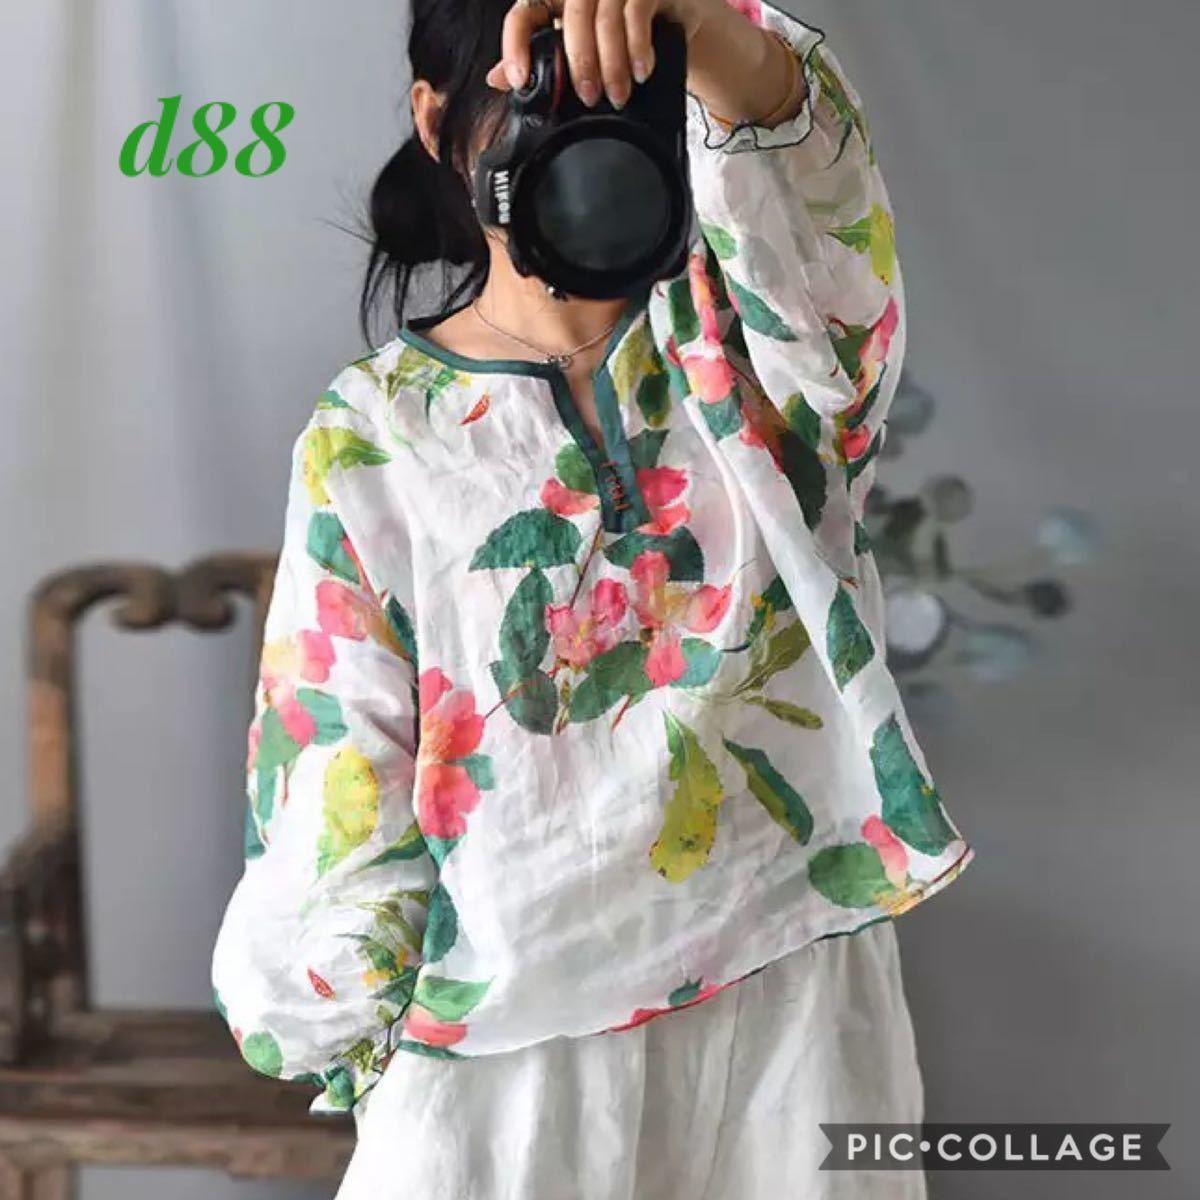 d88 新品 送料無料 レディース 夏 リネン 麻 トップス カットソー トップス 花柄 ゆったり 白色 ホワイト 透け感 シャツ 薄手 長袖 L